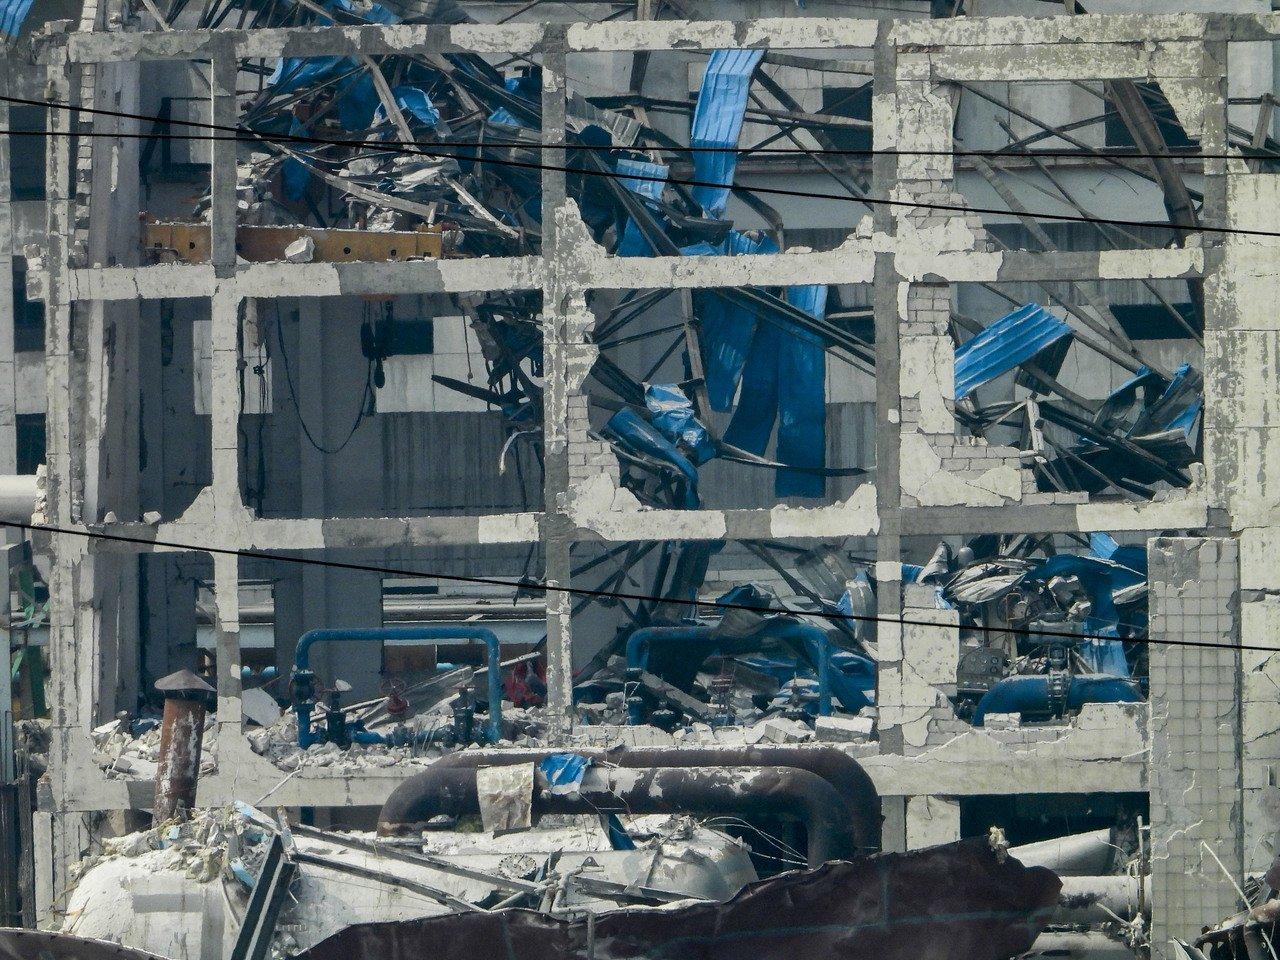 義馬氣化廠爆炸事故19日17時45分左右發生爆炸著火事故,截至20日下午5時30分,確認死亡12人、3具失聯遺體正確認身分,重傷15人。 中新社